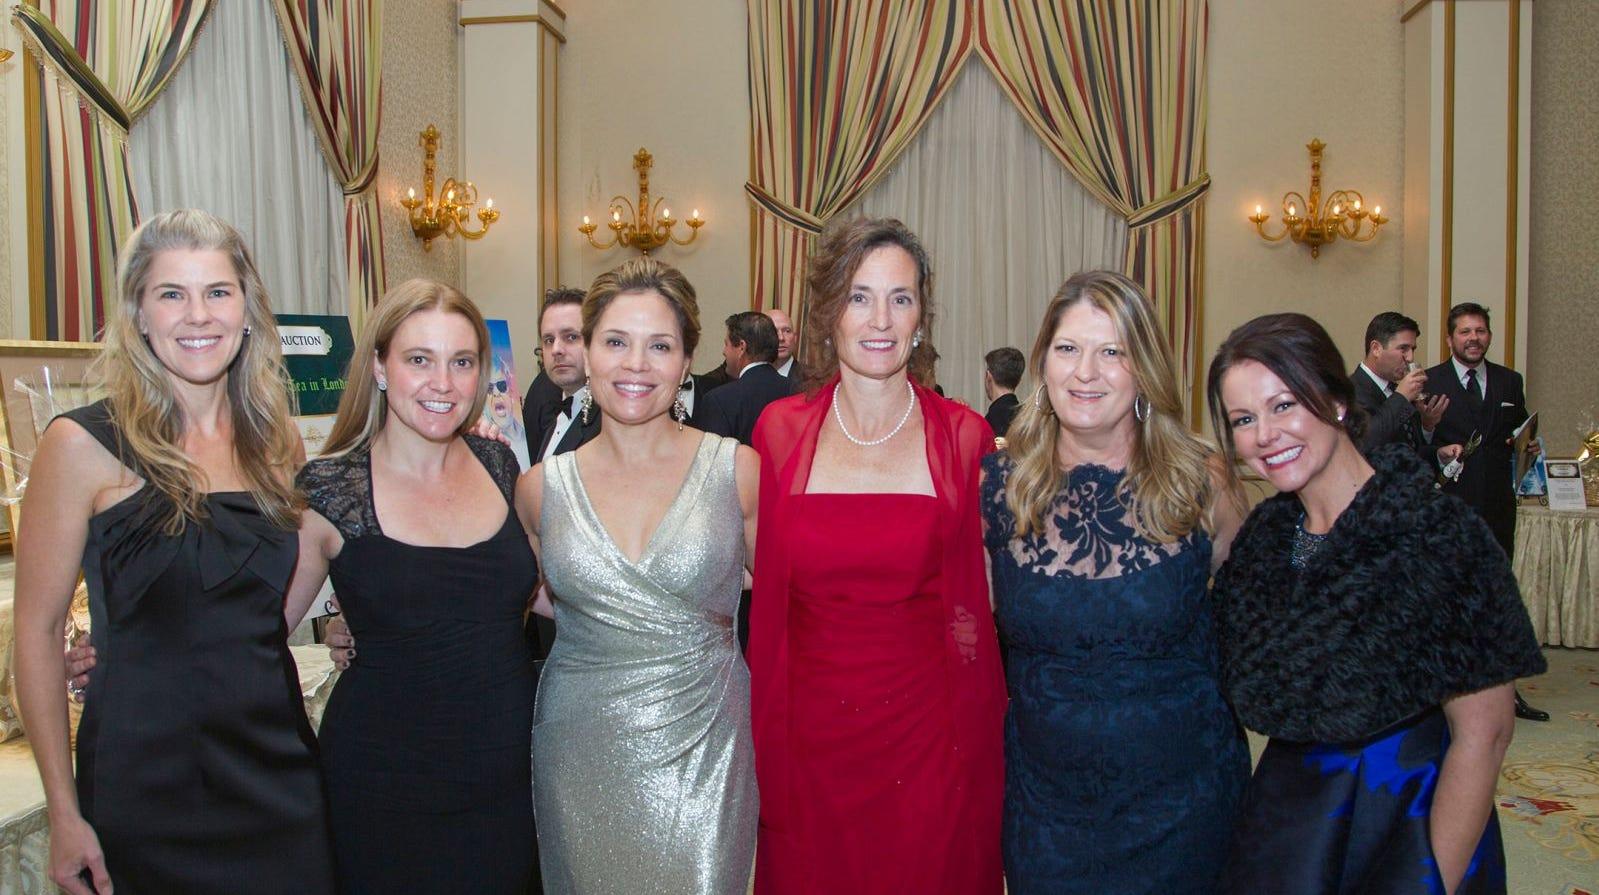 Julie Willard, Tara Minardo, Sam Khichi, Lisa...